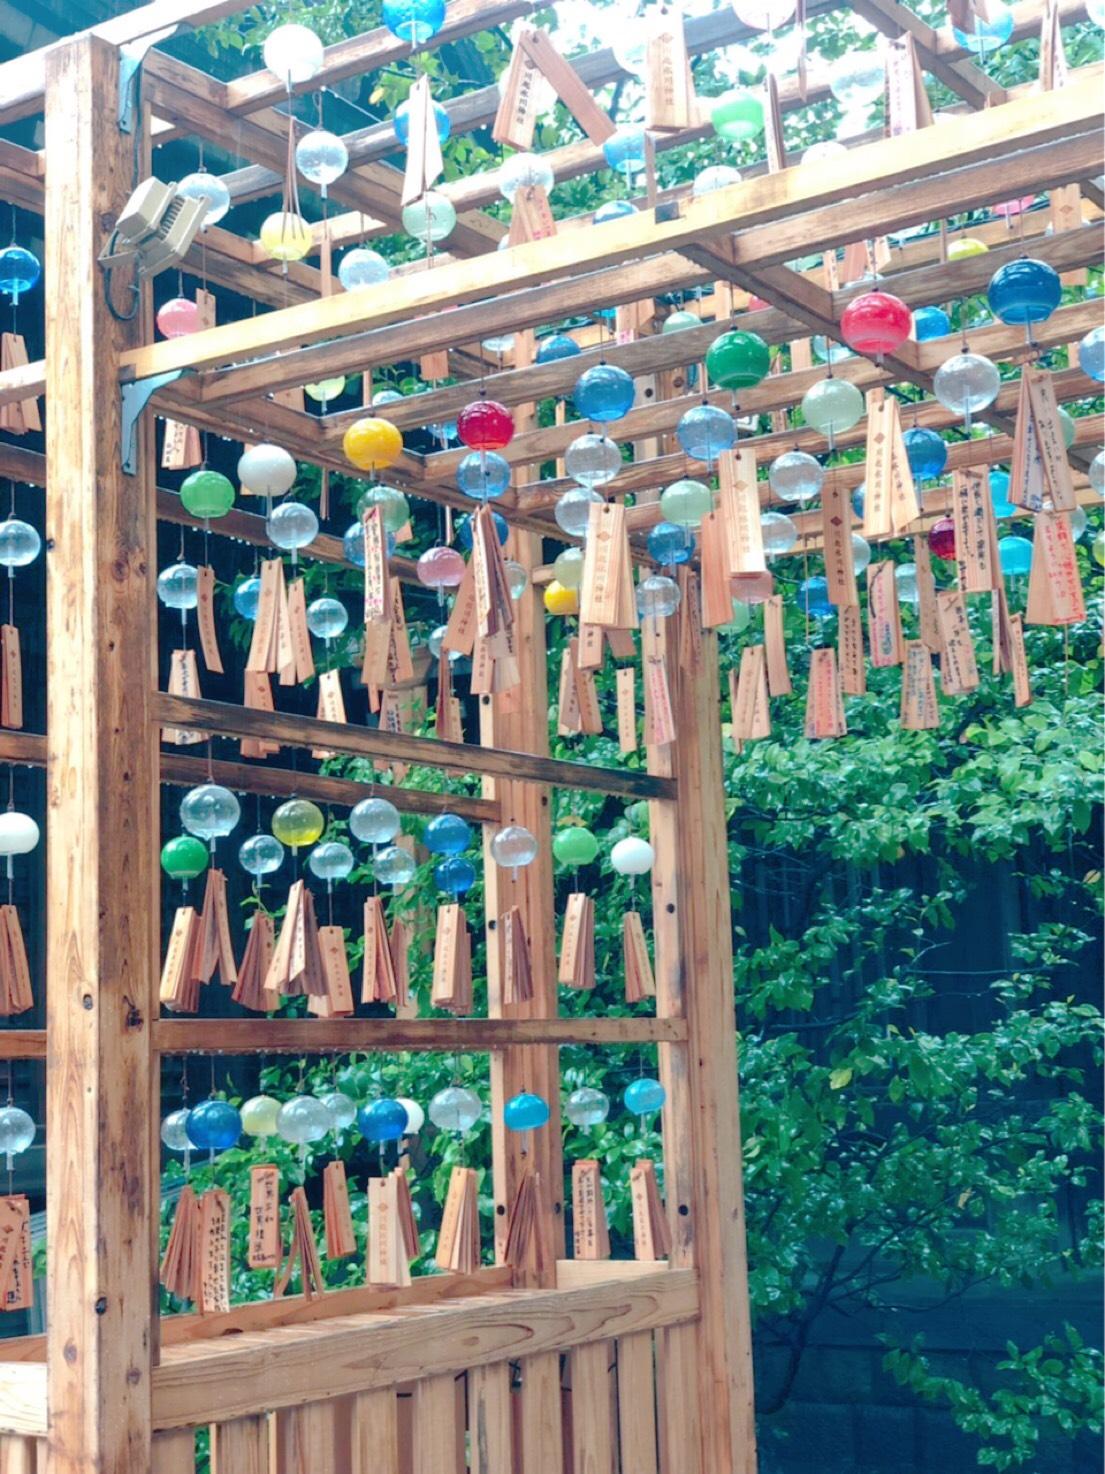 埼玉女子旅で人気の「川越氷川神社」と「ムーミンバレーパーク」へ♪ 【 #TOKYOPANDA のご当地モア・埼玉県編】_2